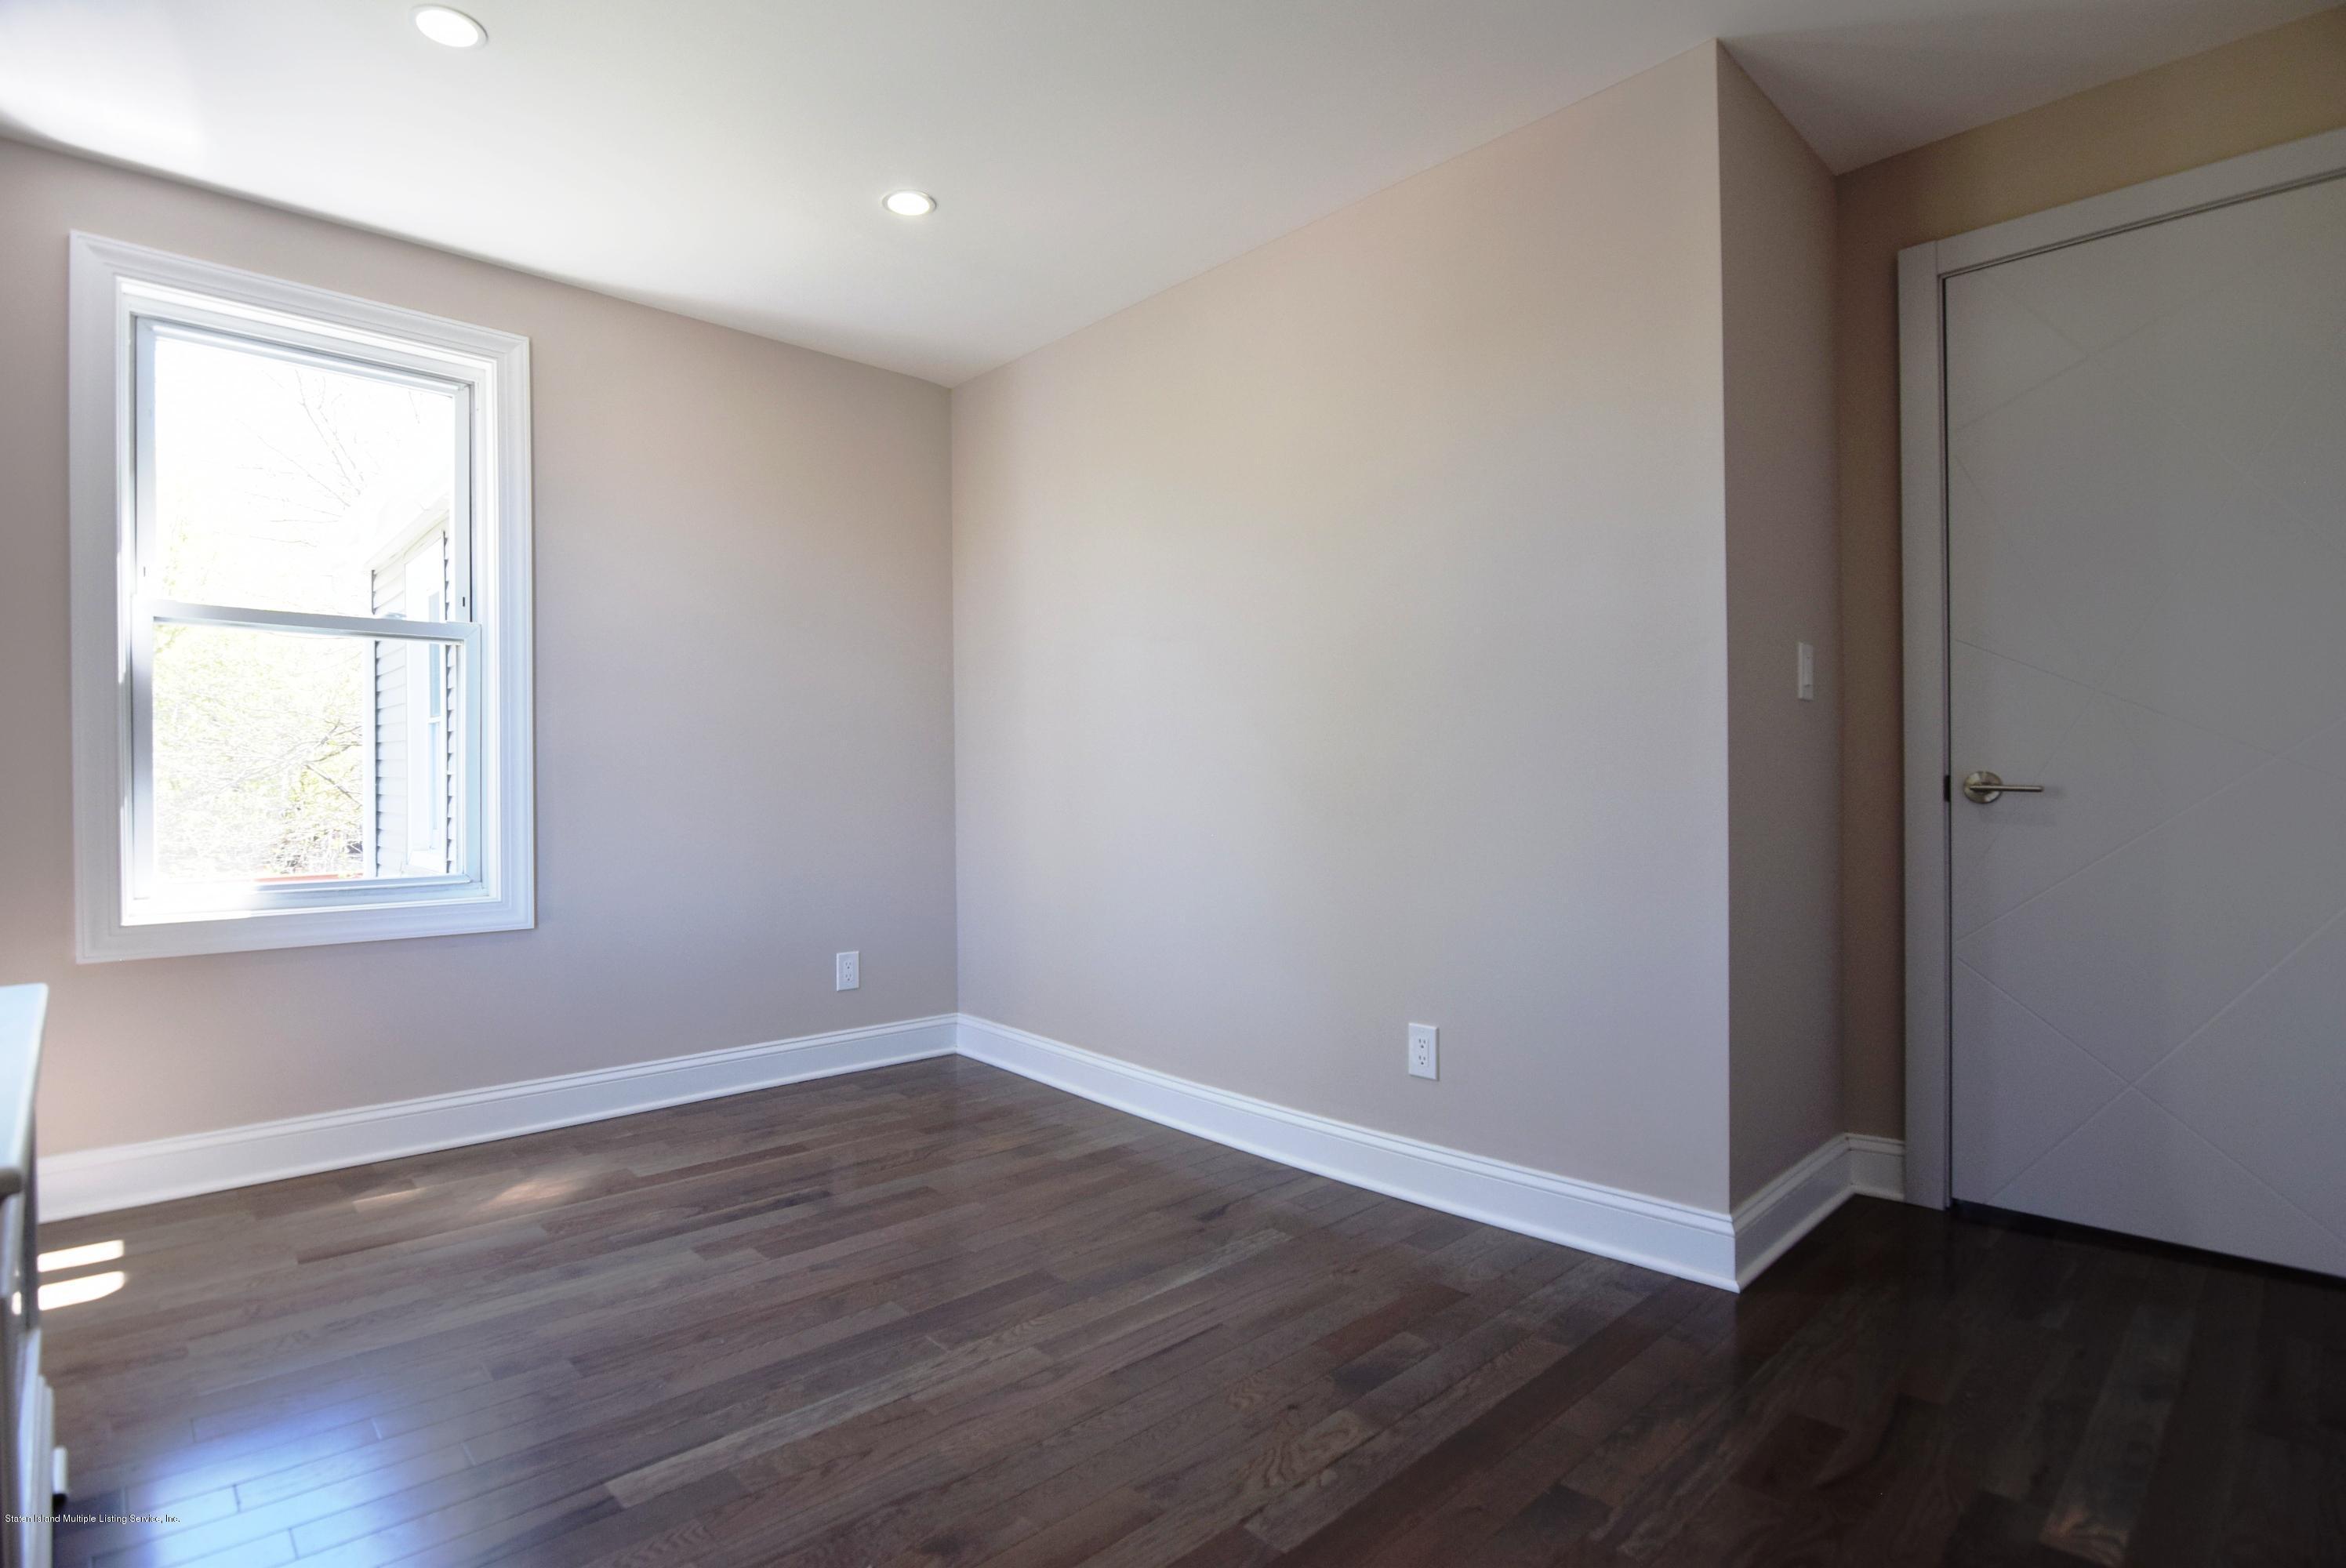 Single Family - Detached 55 Park Avenue  Staten Island, NY 10302, MLS-1128331-27